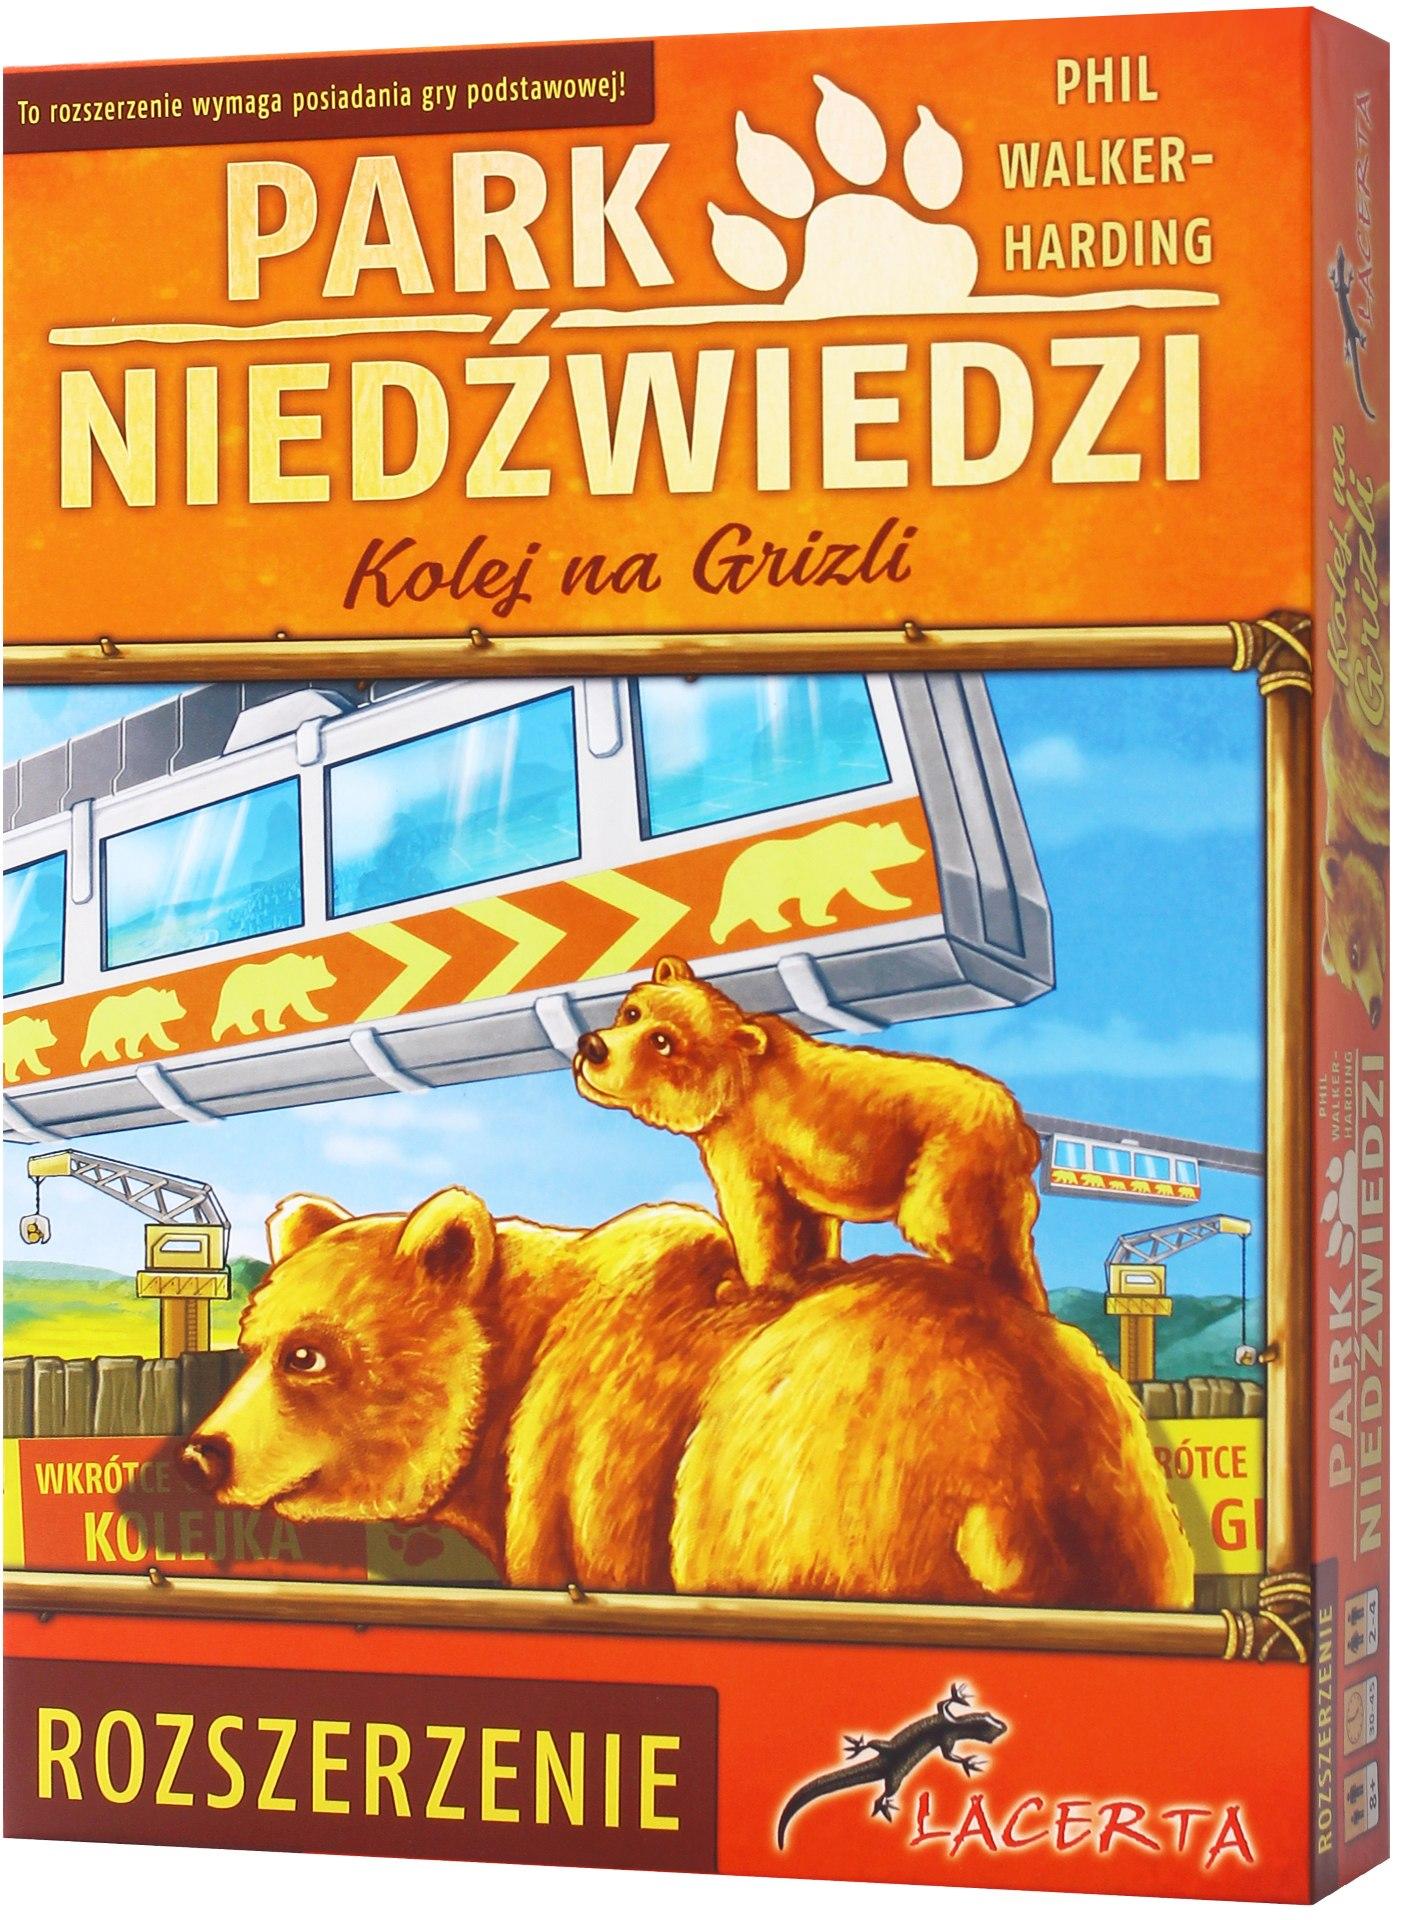 Park Niedźwiedzi Kolej na Grizli